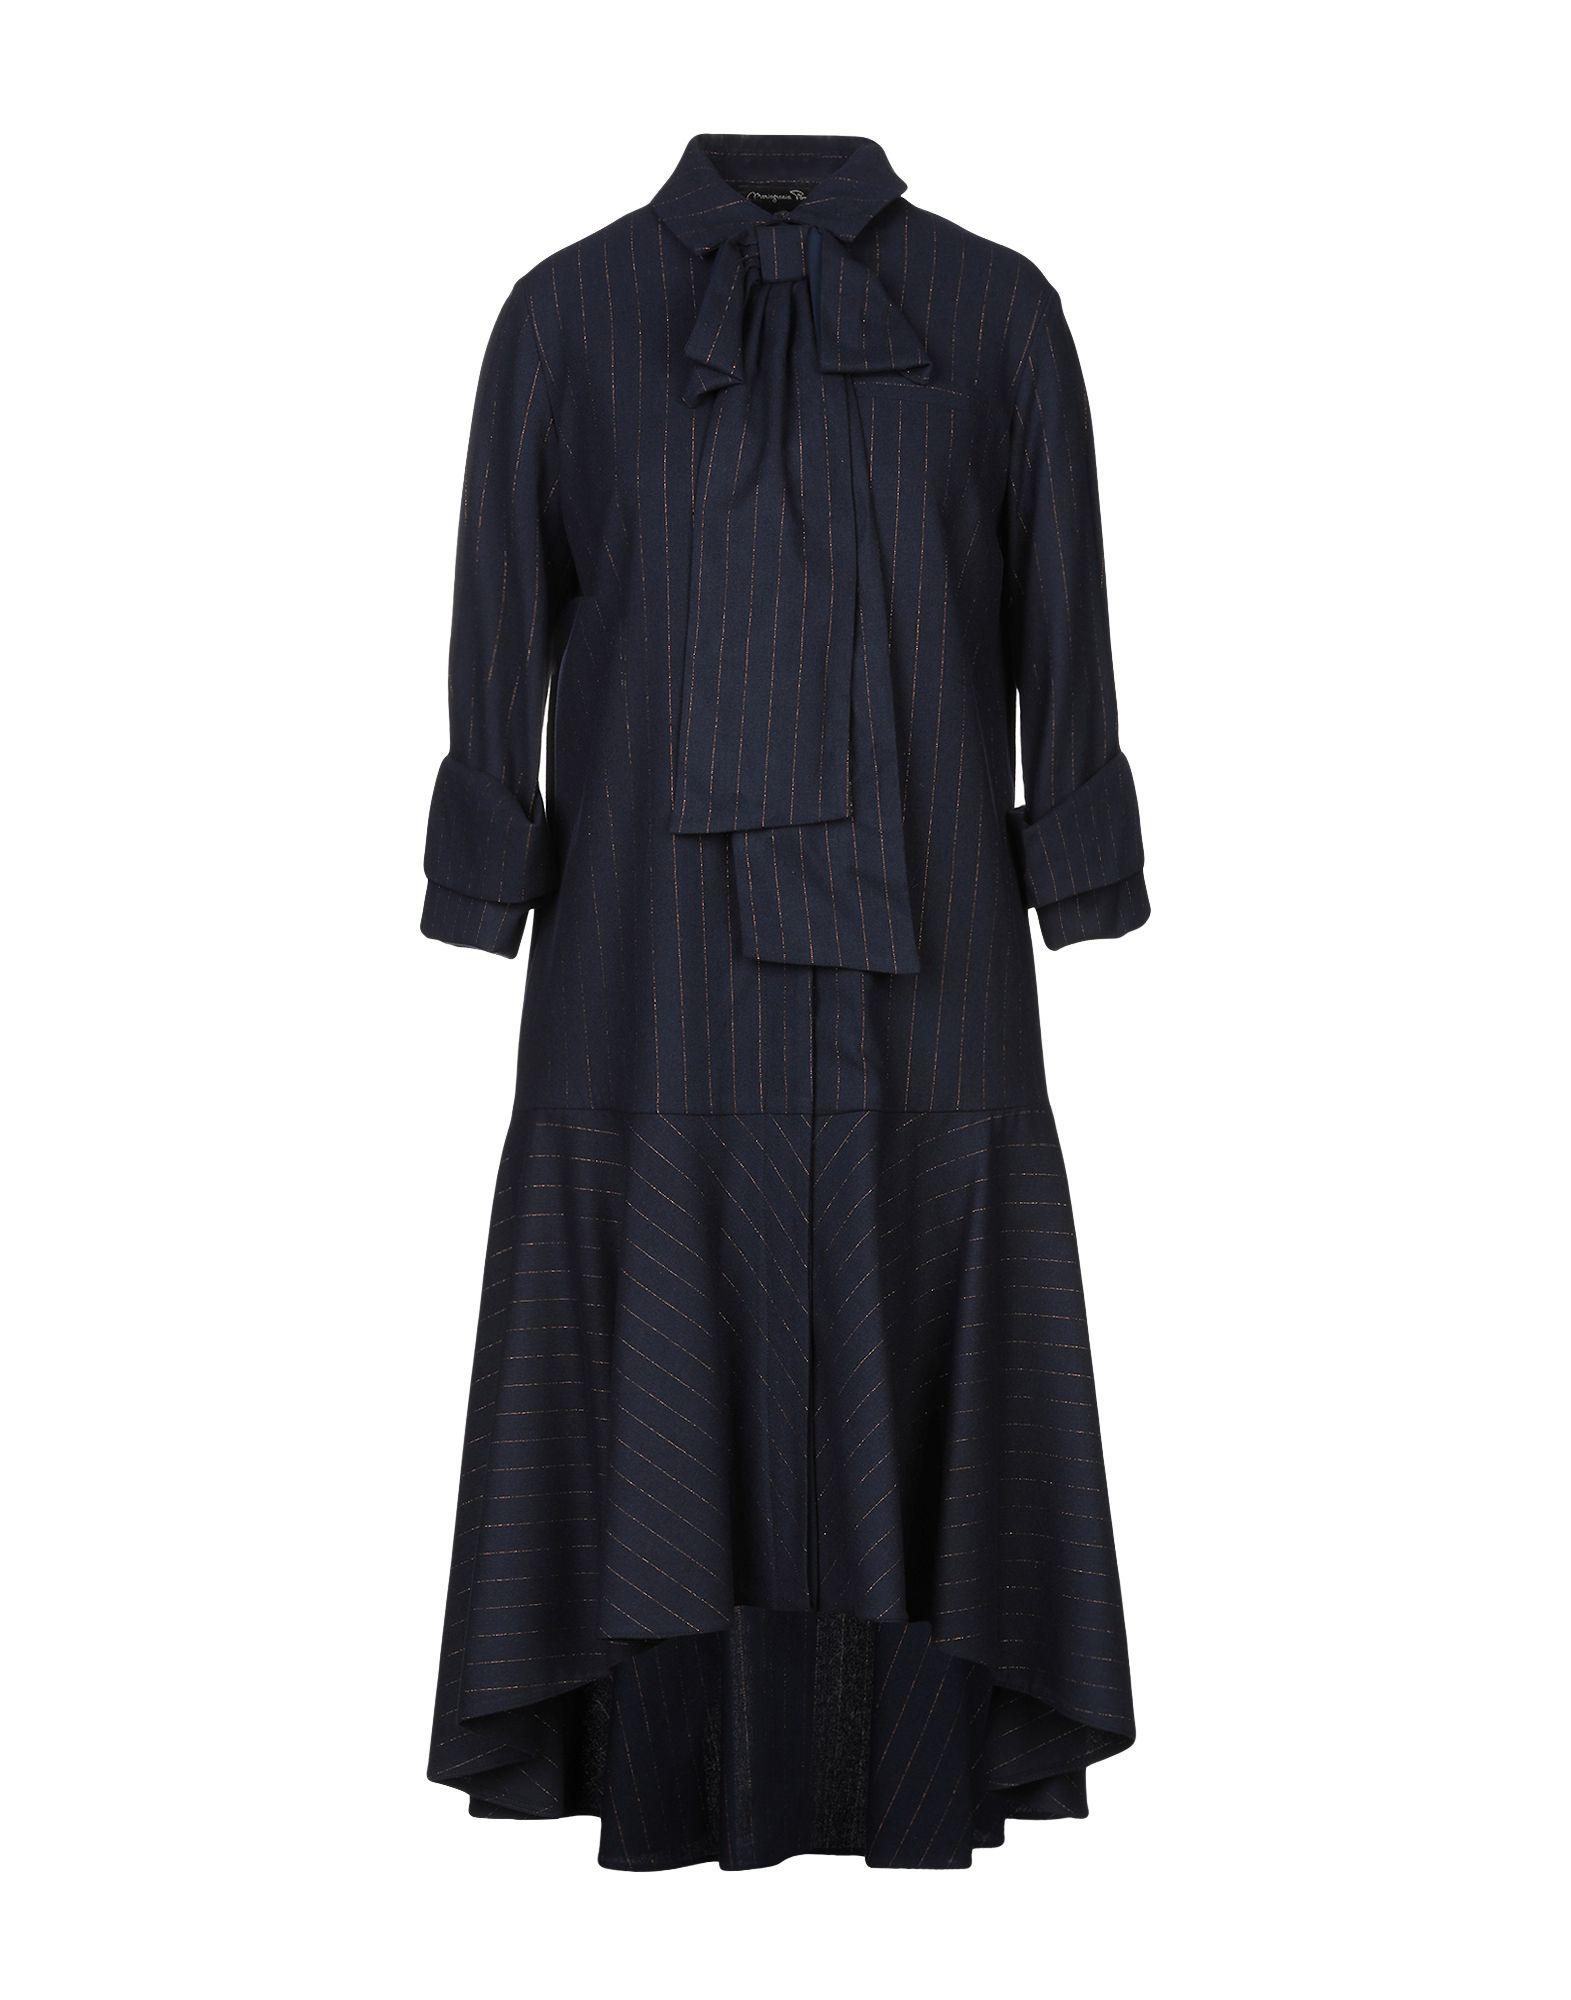 MARIAGRAZIA PANIZZI Короткое платье mariagrazia panizzi короткое платье